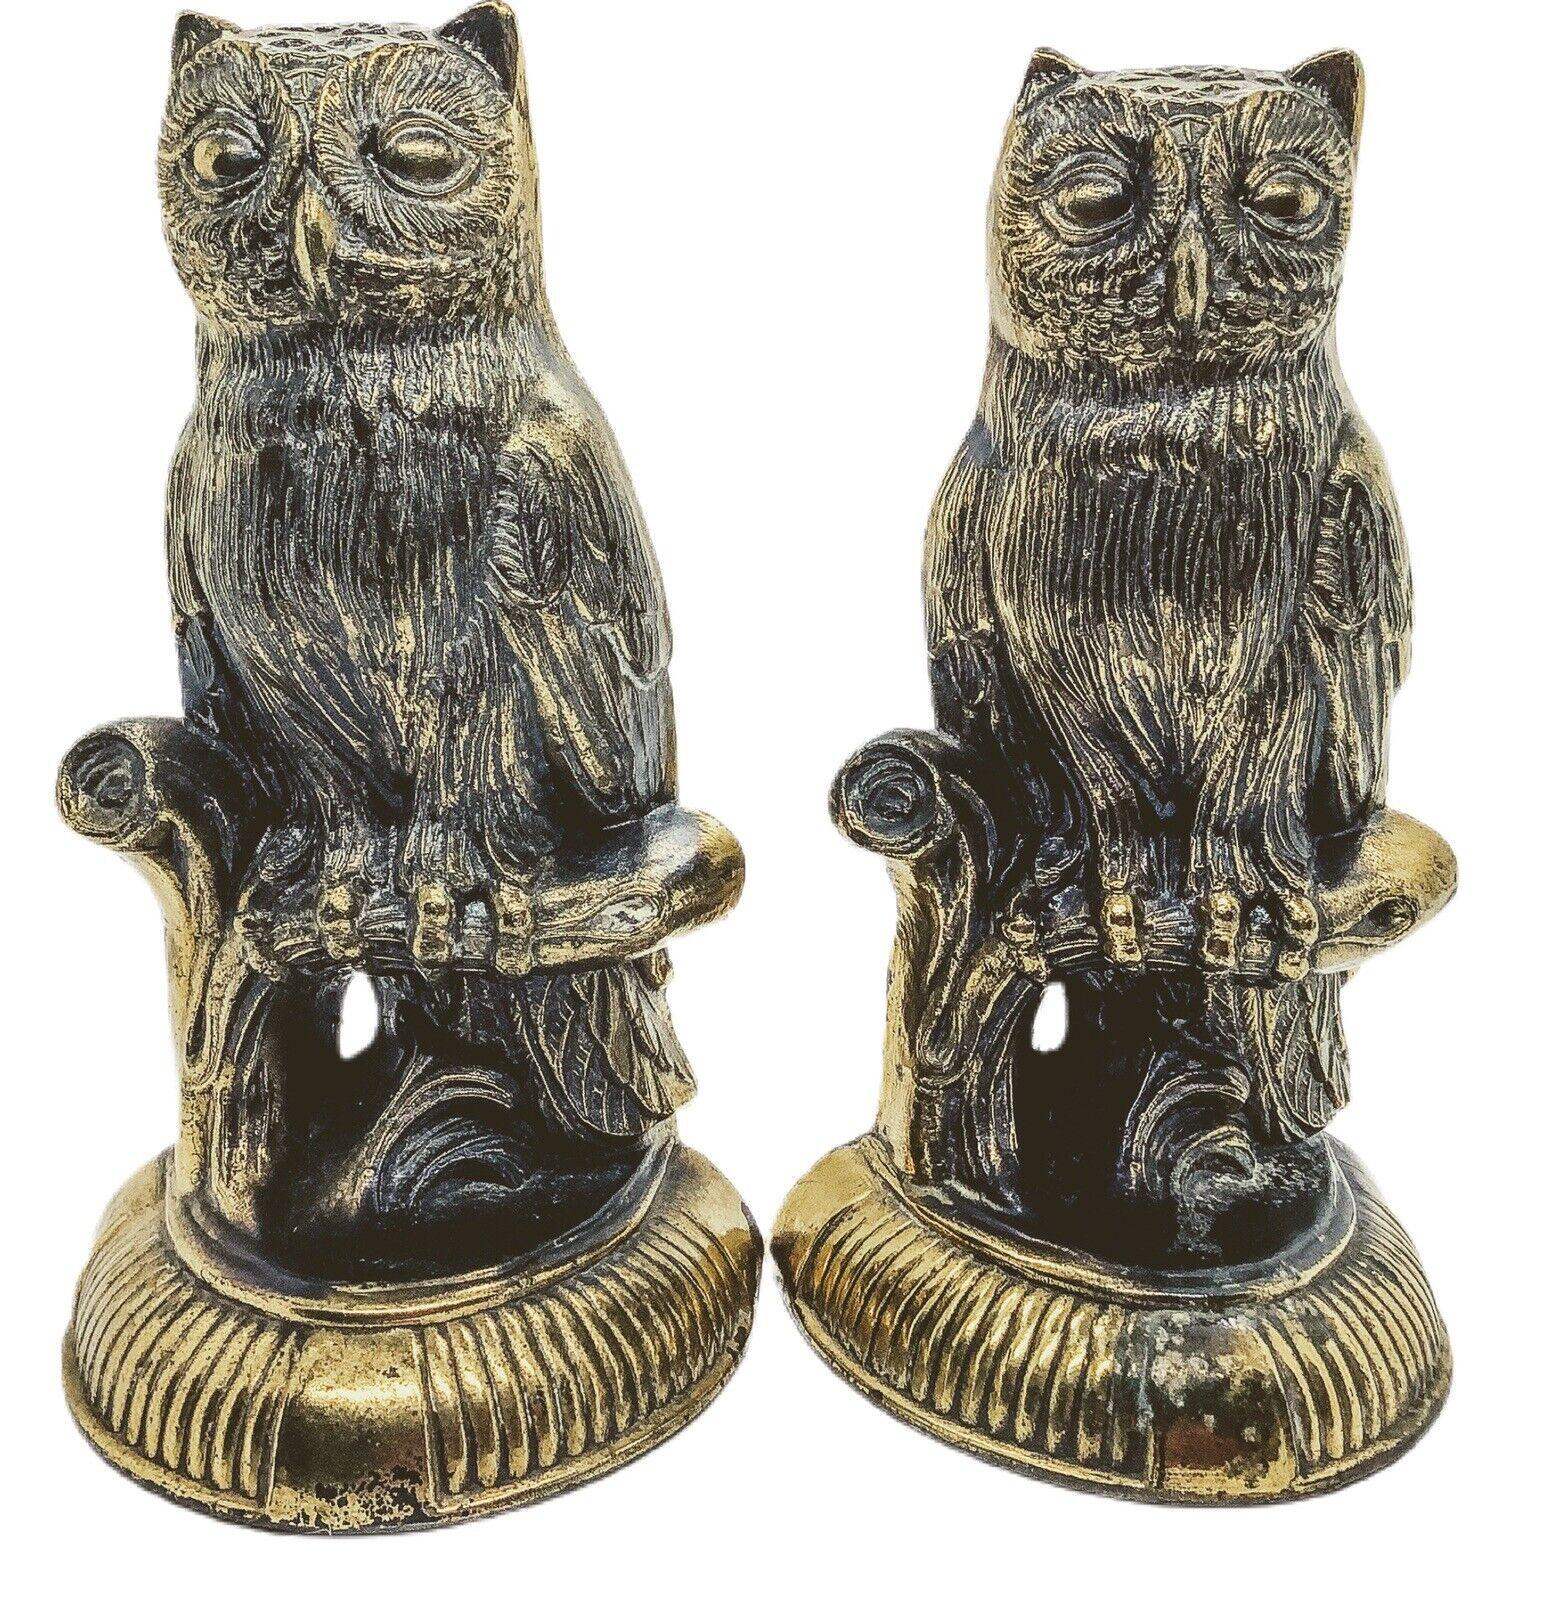 Vintage Stoic Owl Bookends Door Stop Figurine Brass Bronze Cast Metal Mark 1974